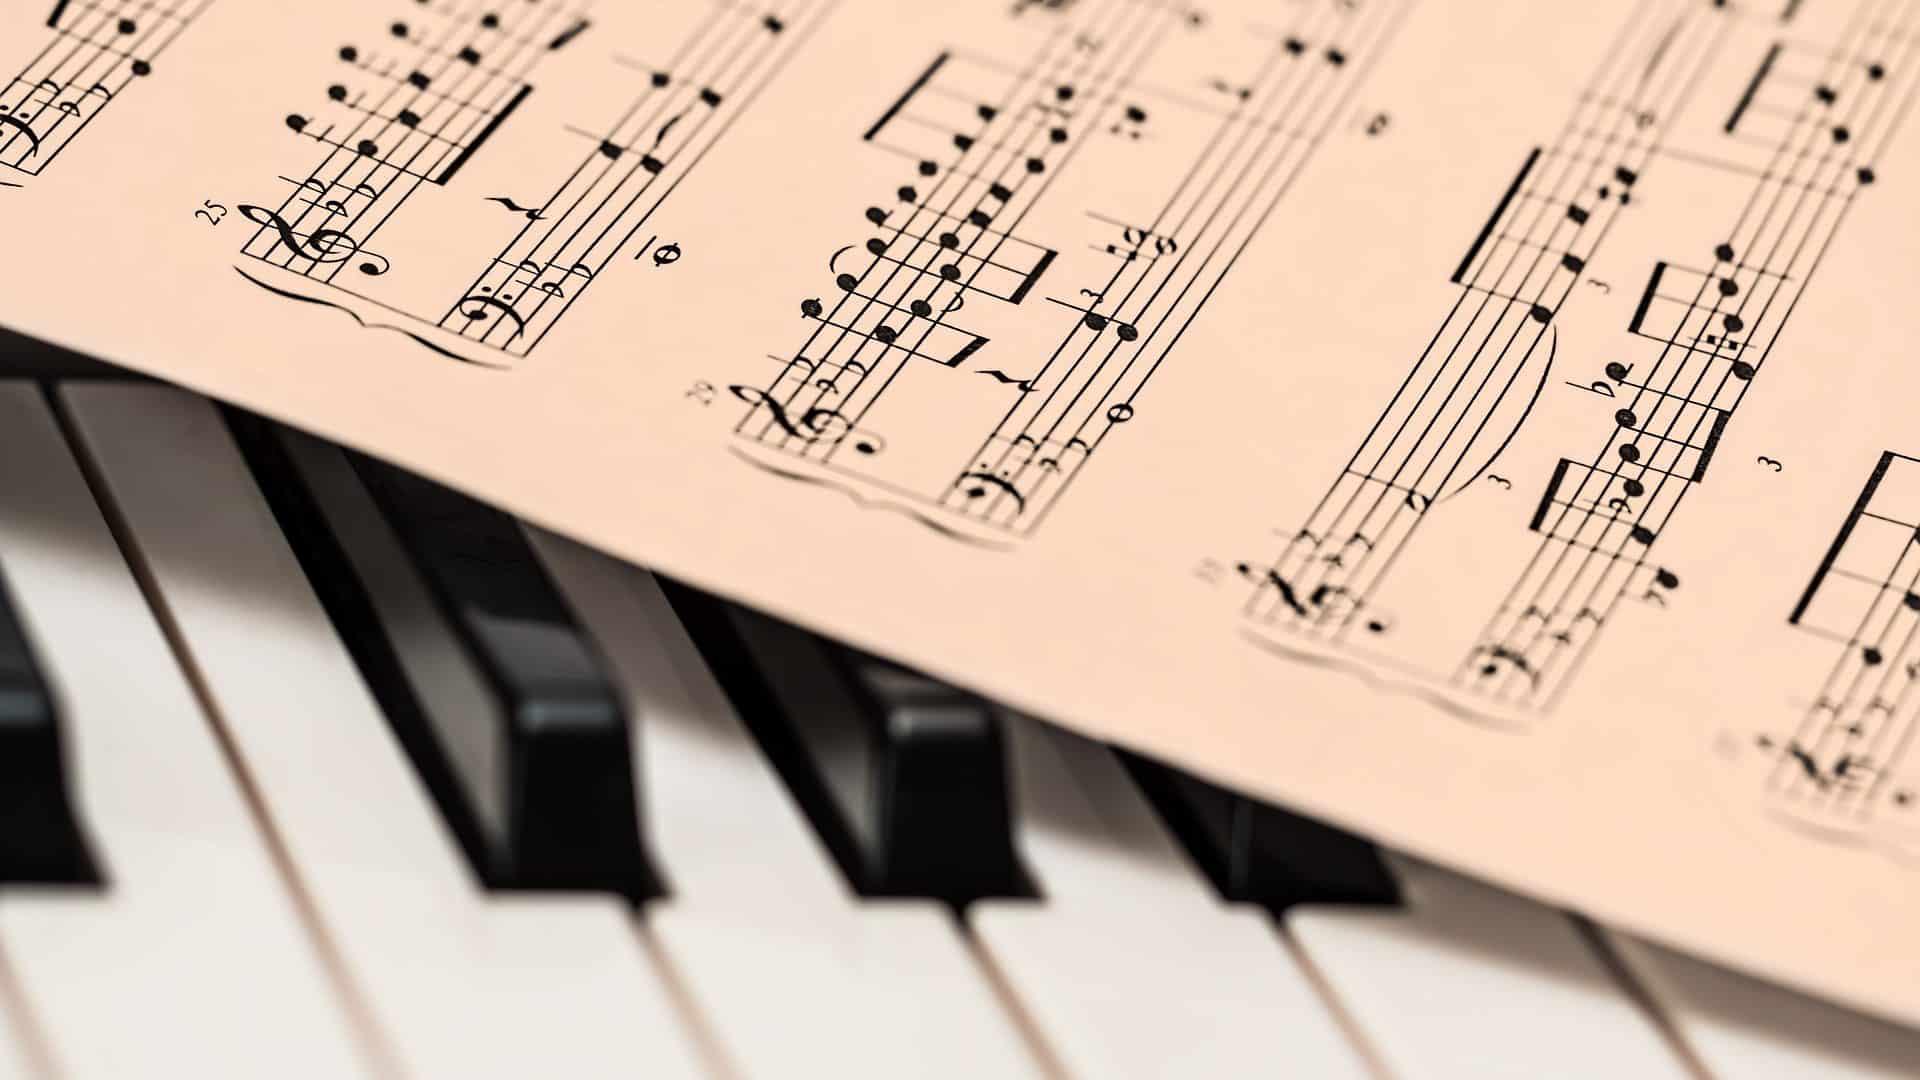 Ciekawostki z życia najwybitniejszych kompozytorów muzyki klasycznej